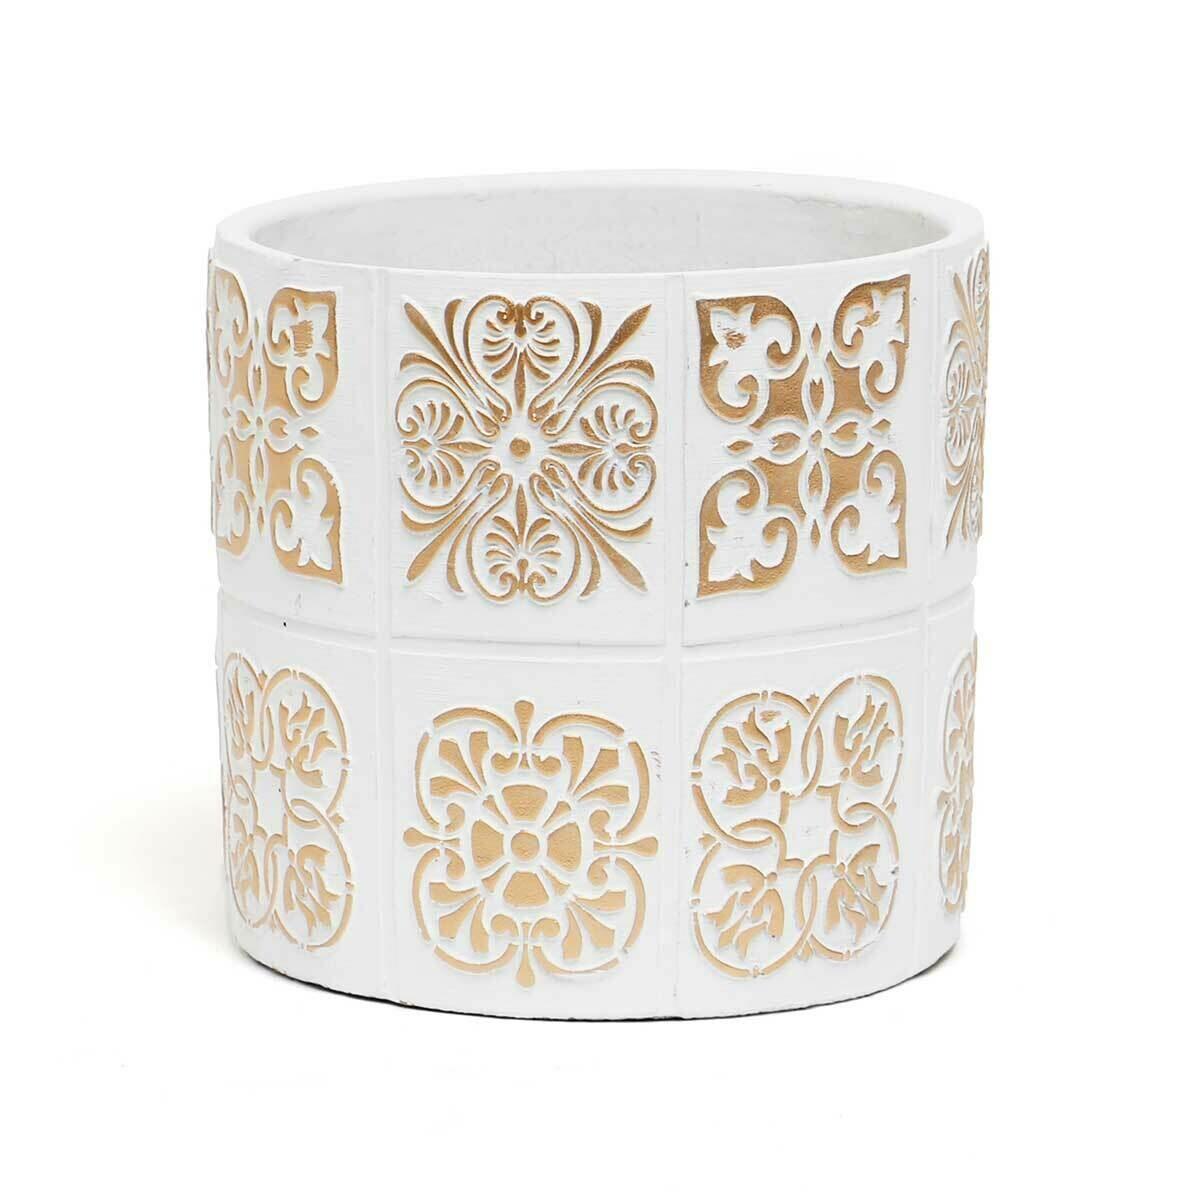 """Medallion Concrete Pot - White & Beige - Large - 7""""H x 6.5""""W"""